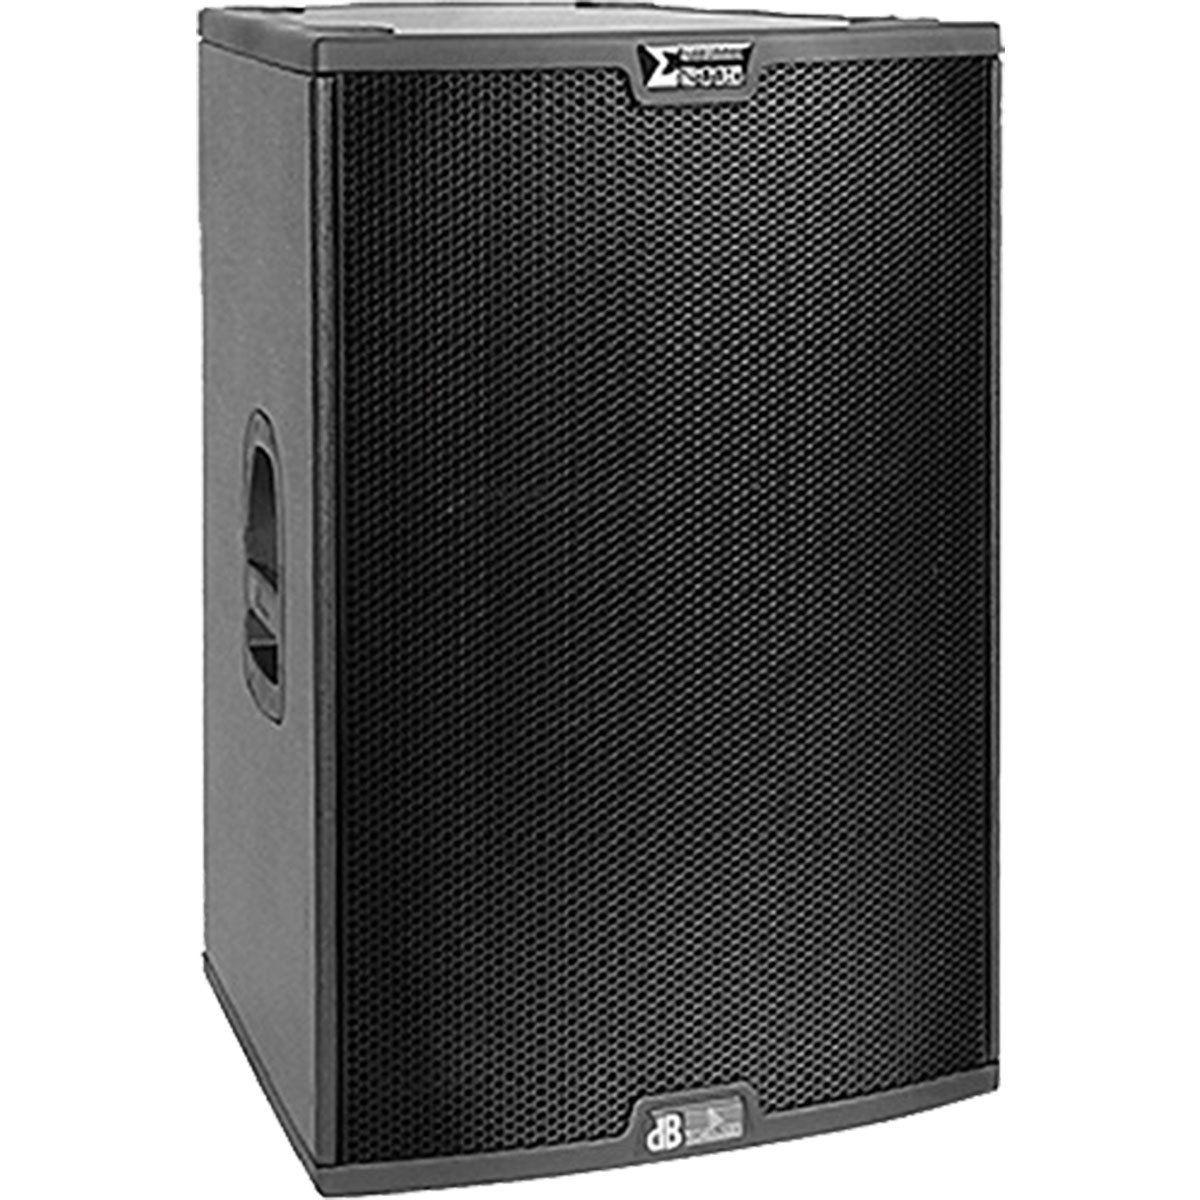 dB Technologies Sigma S215 Caixa de Som S-215 Ativa 1400W Amplificação Profissional